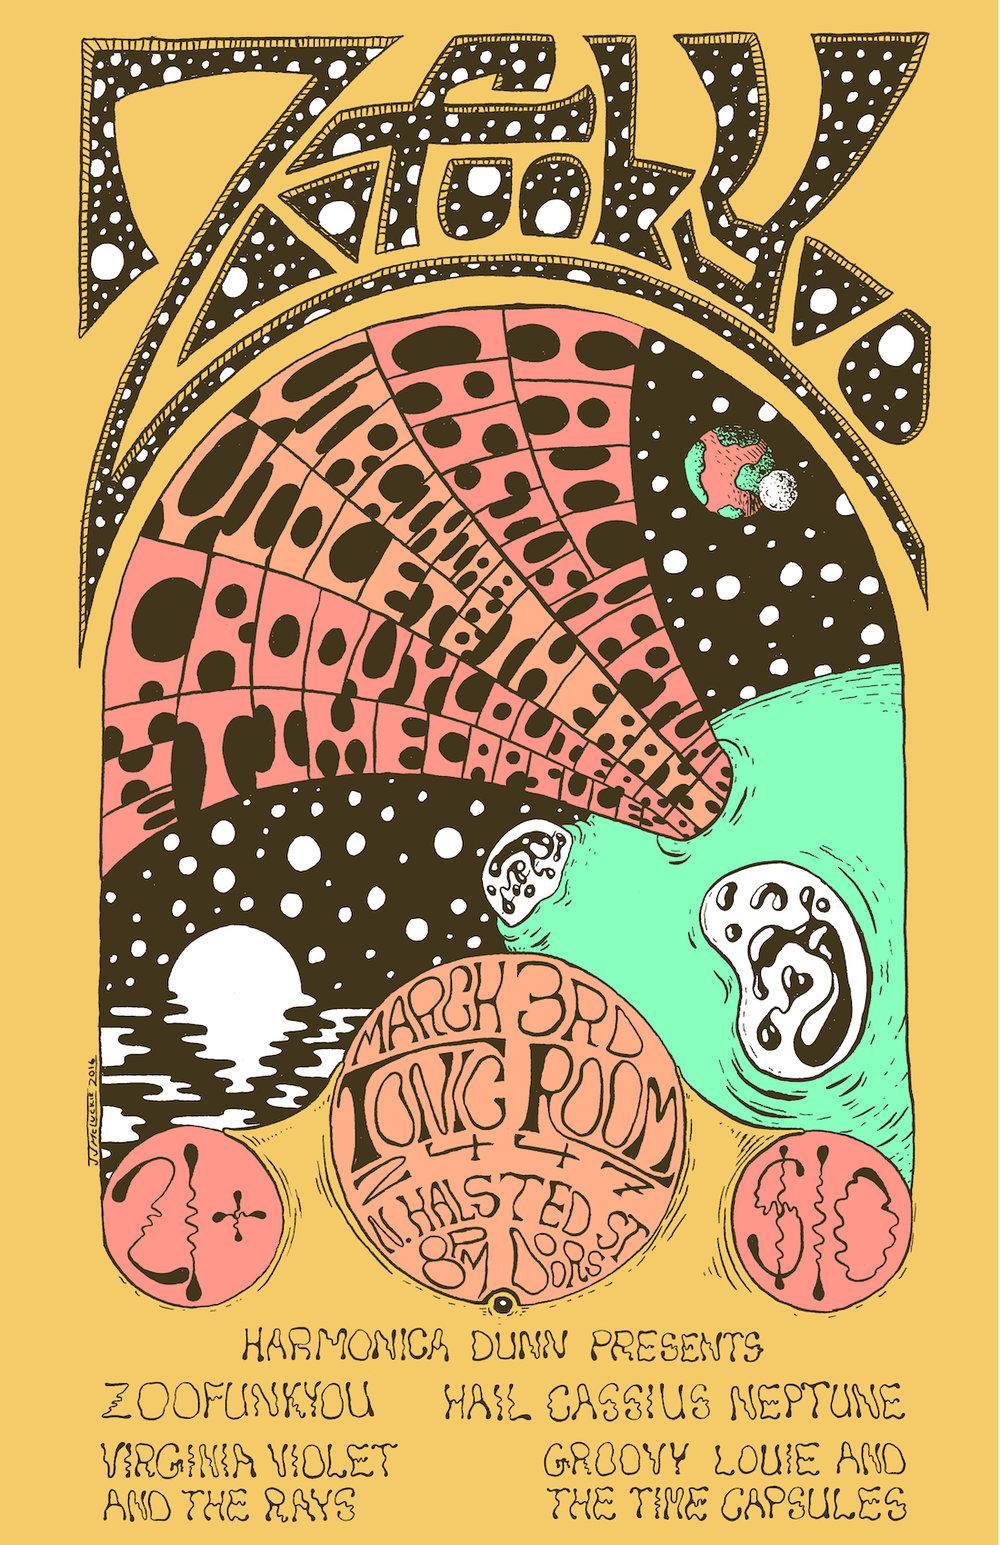 Zoofunkyou Tonic Room Poster